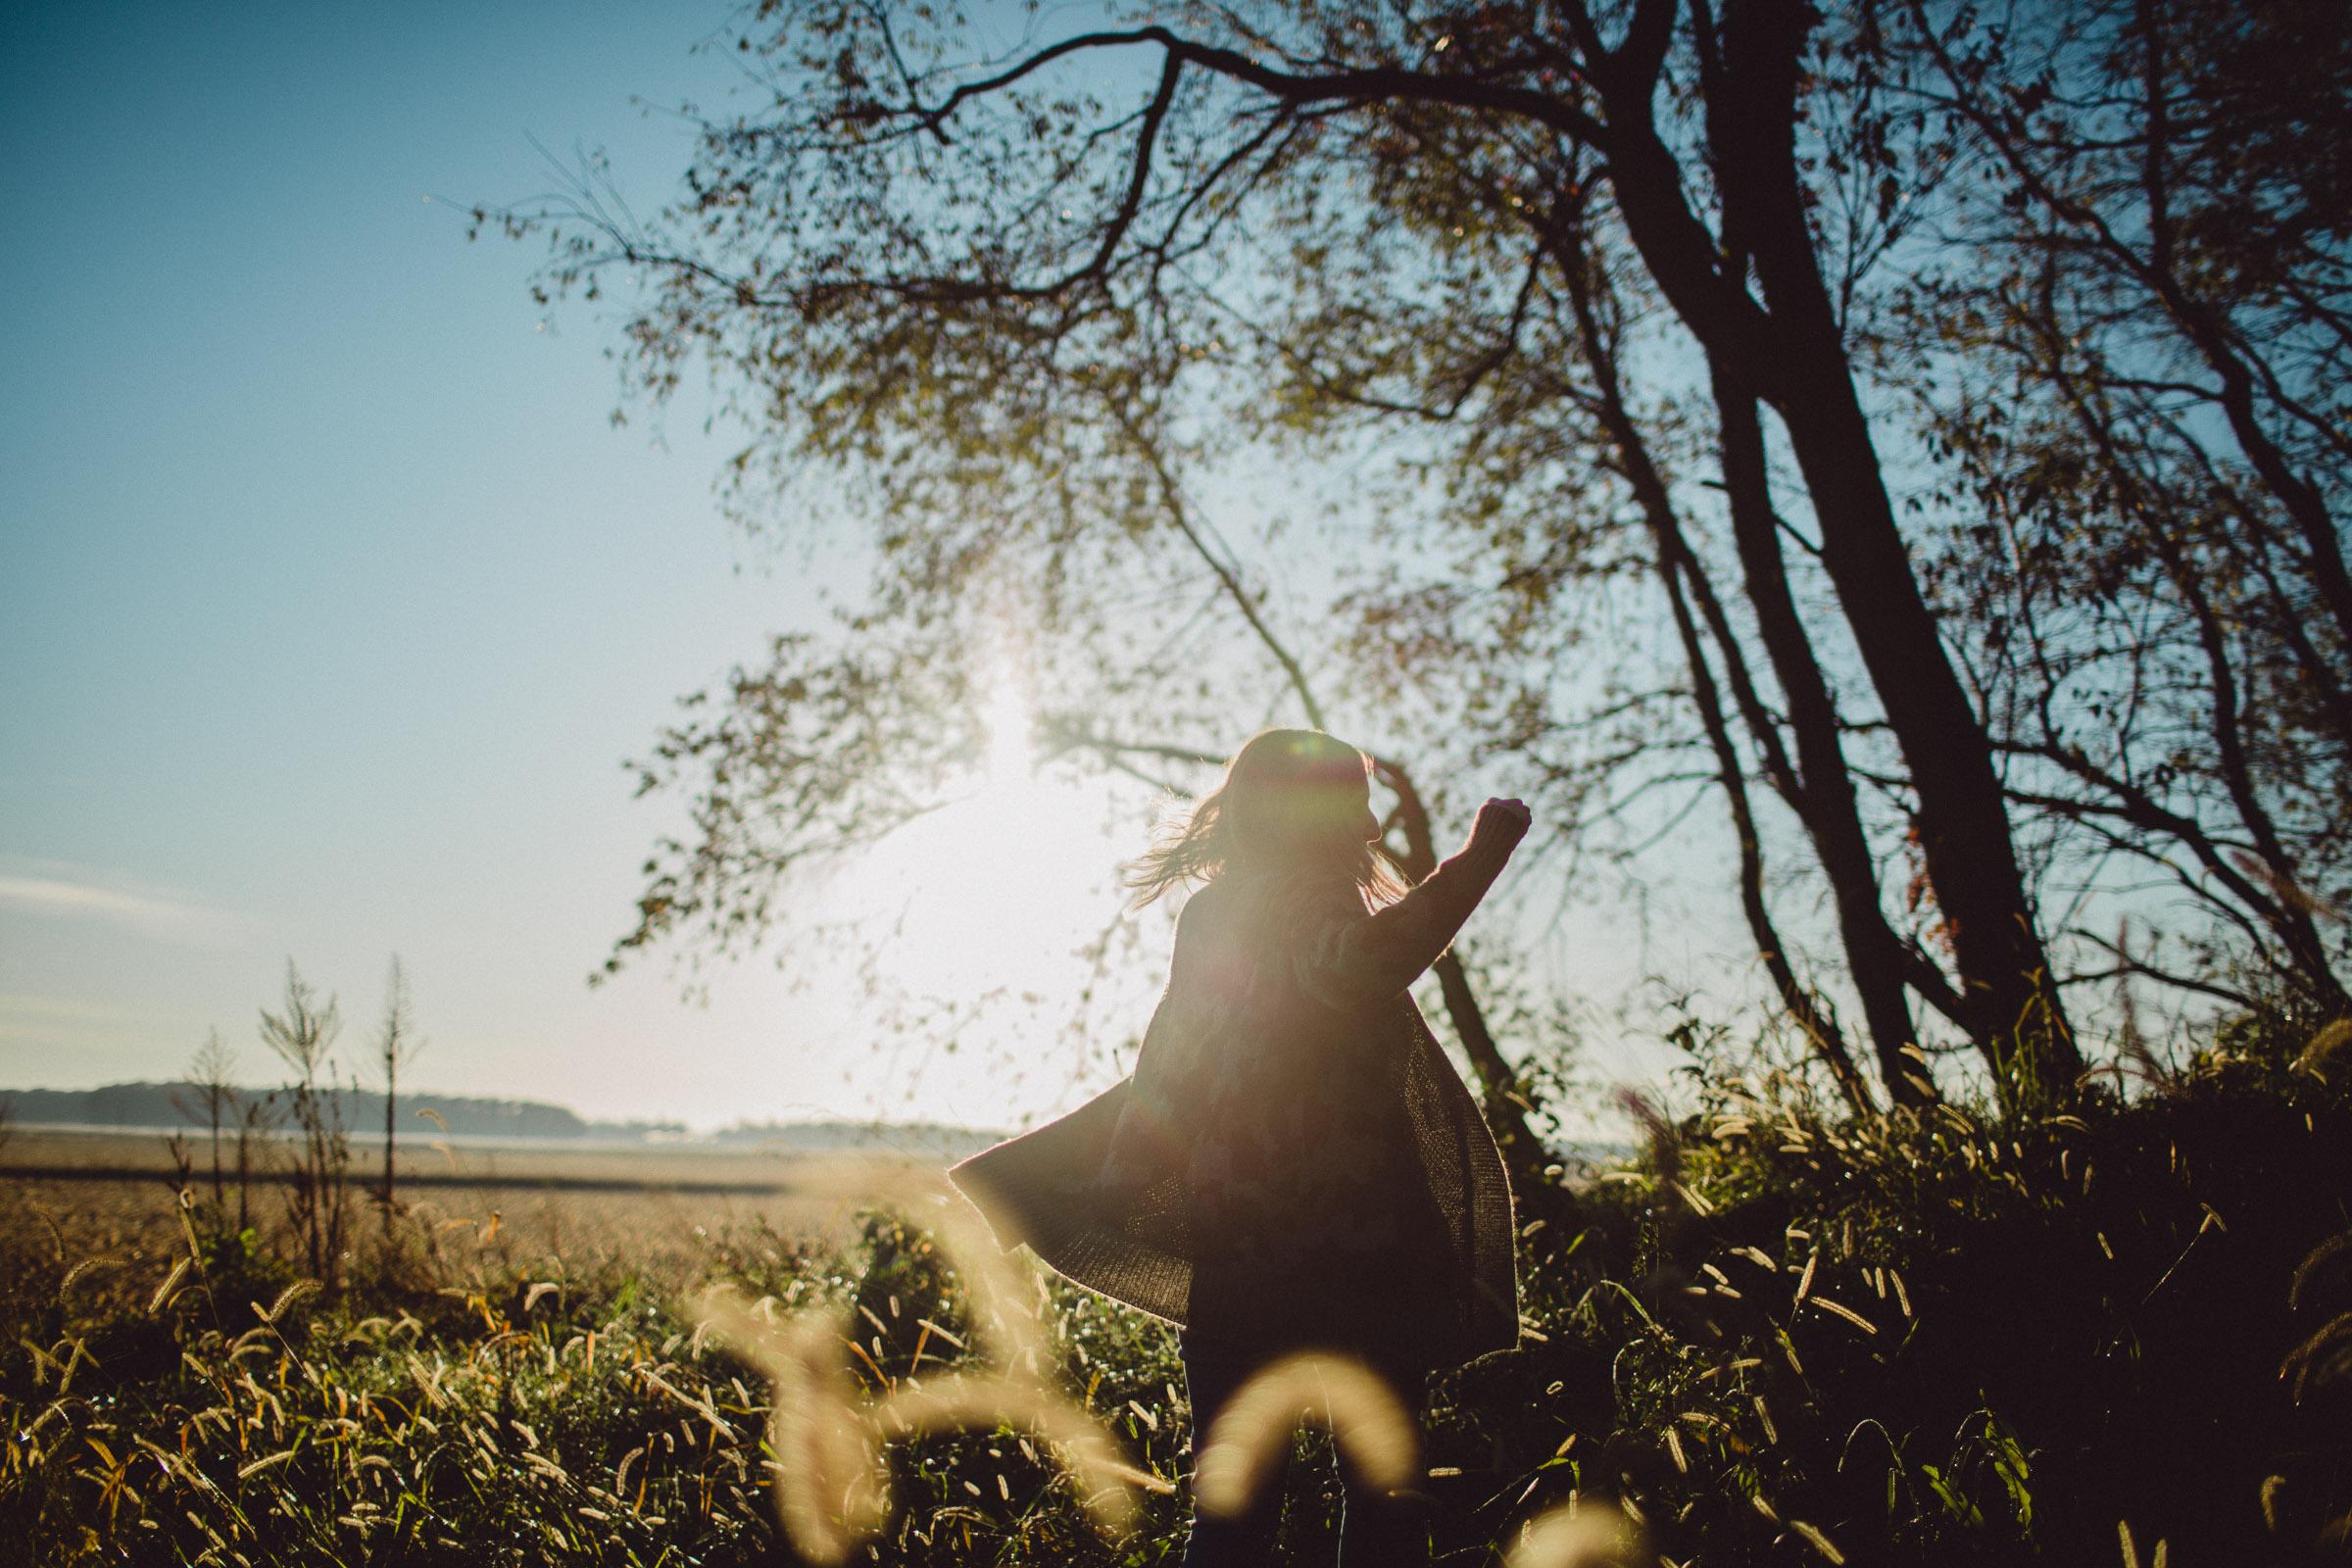 Girl Dancing in Joy in a cornfield